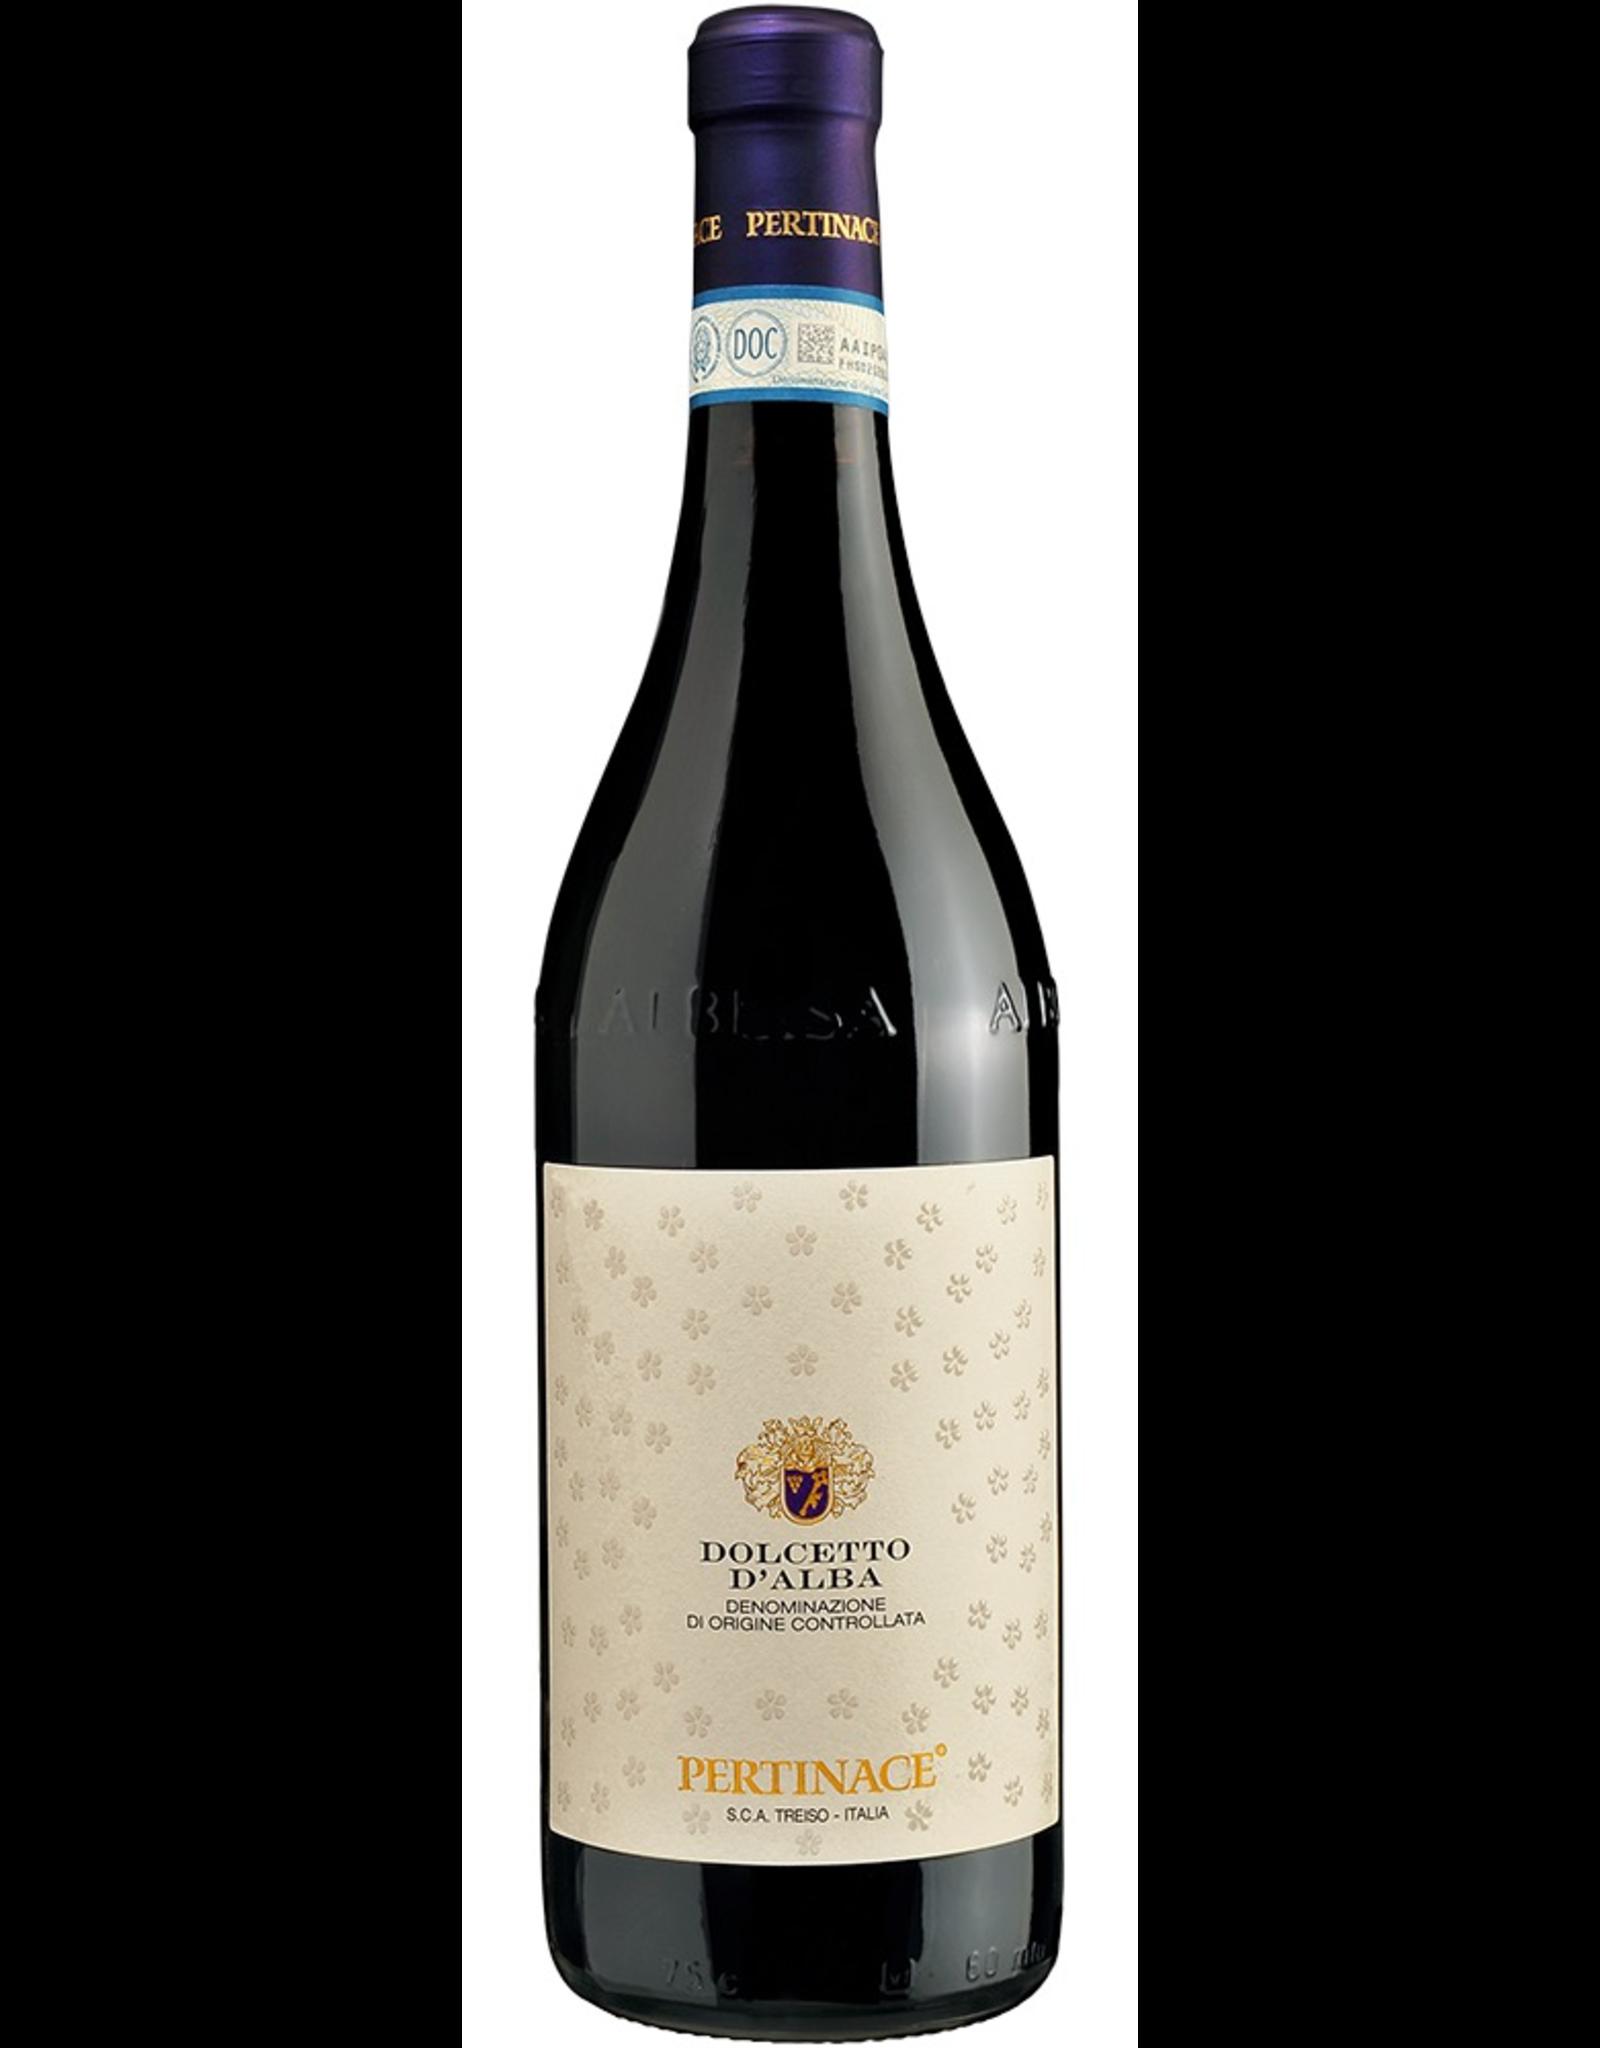 Red Wine 2016, Pertinace, Dolcetto, Alba, Piemonte, Italy, 13.5% Alc, CTnr